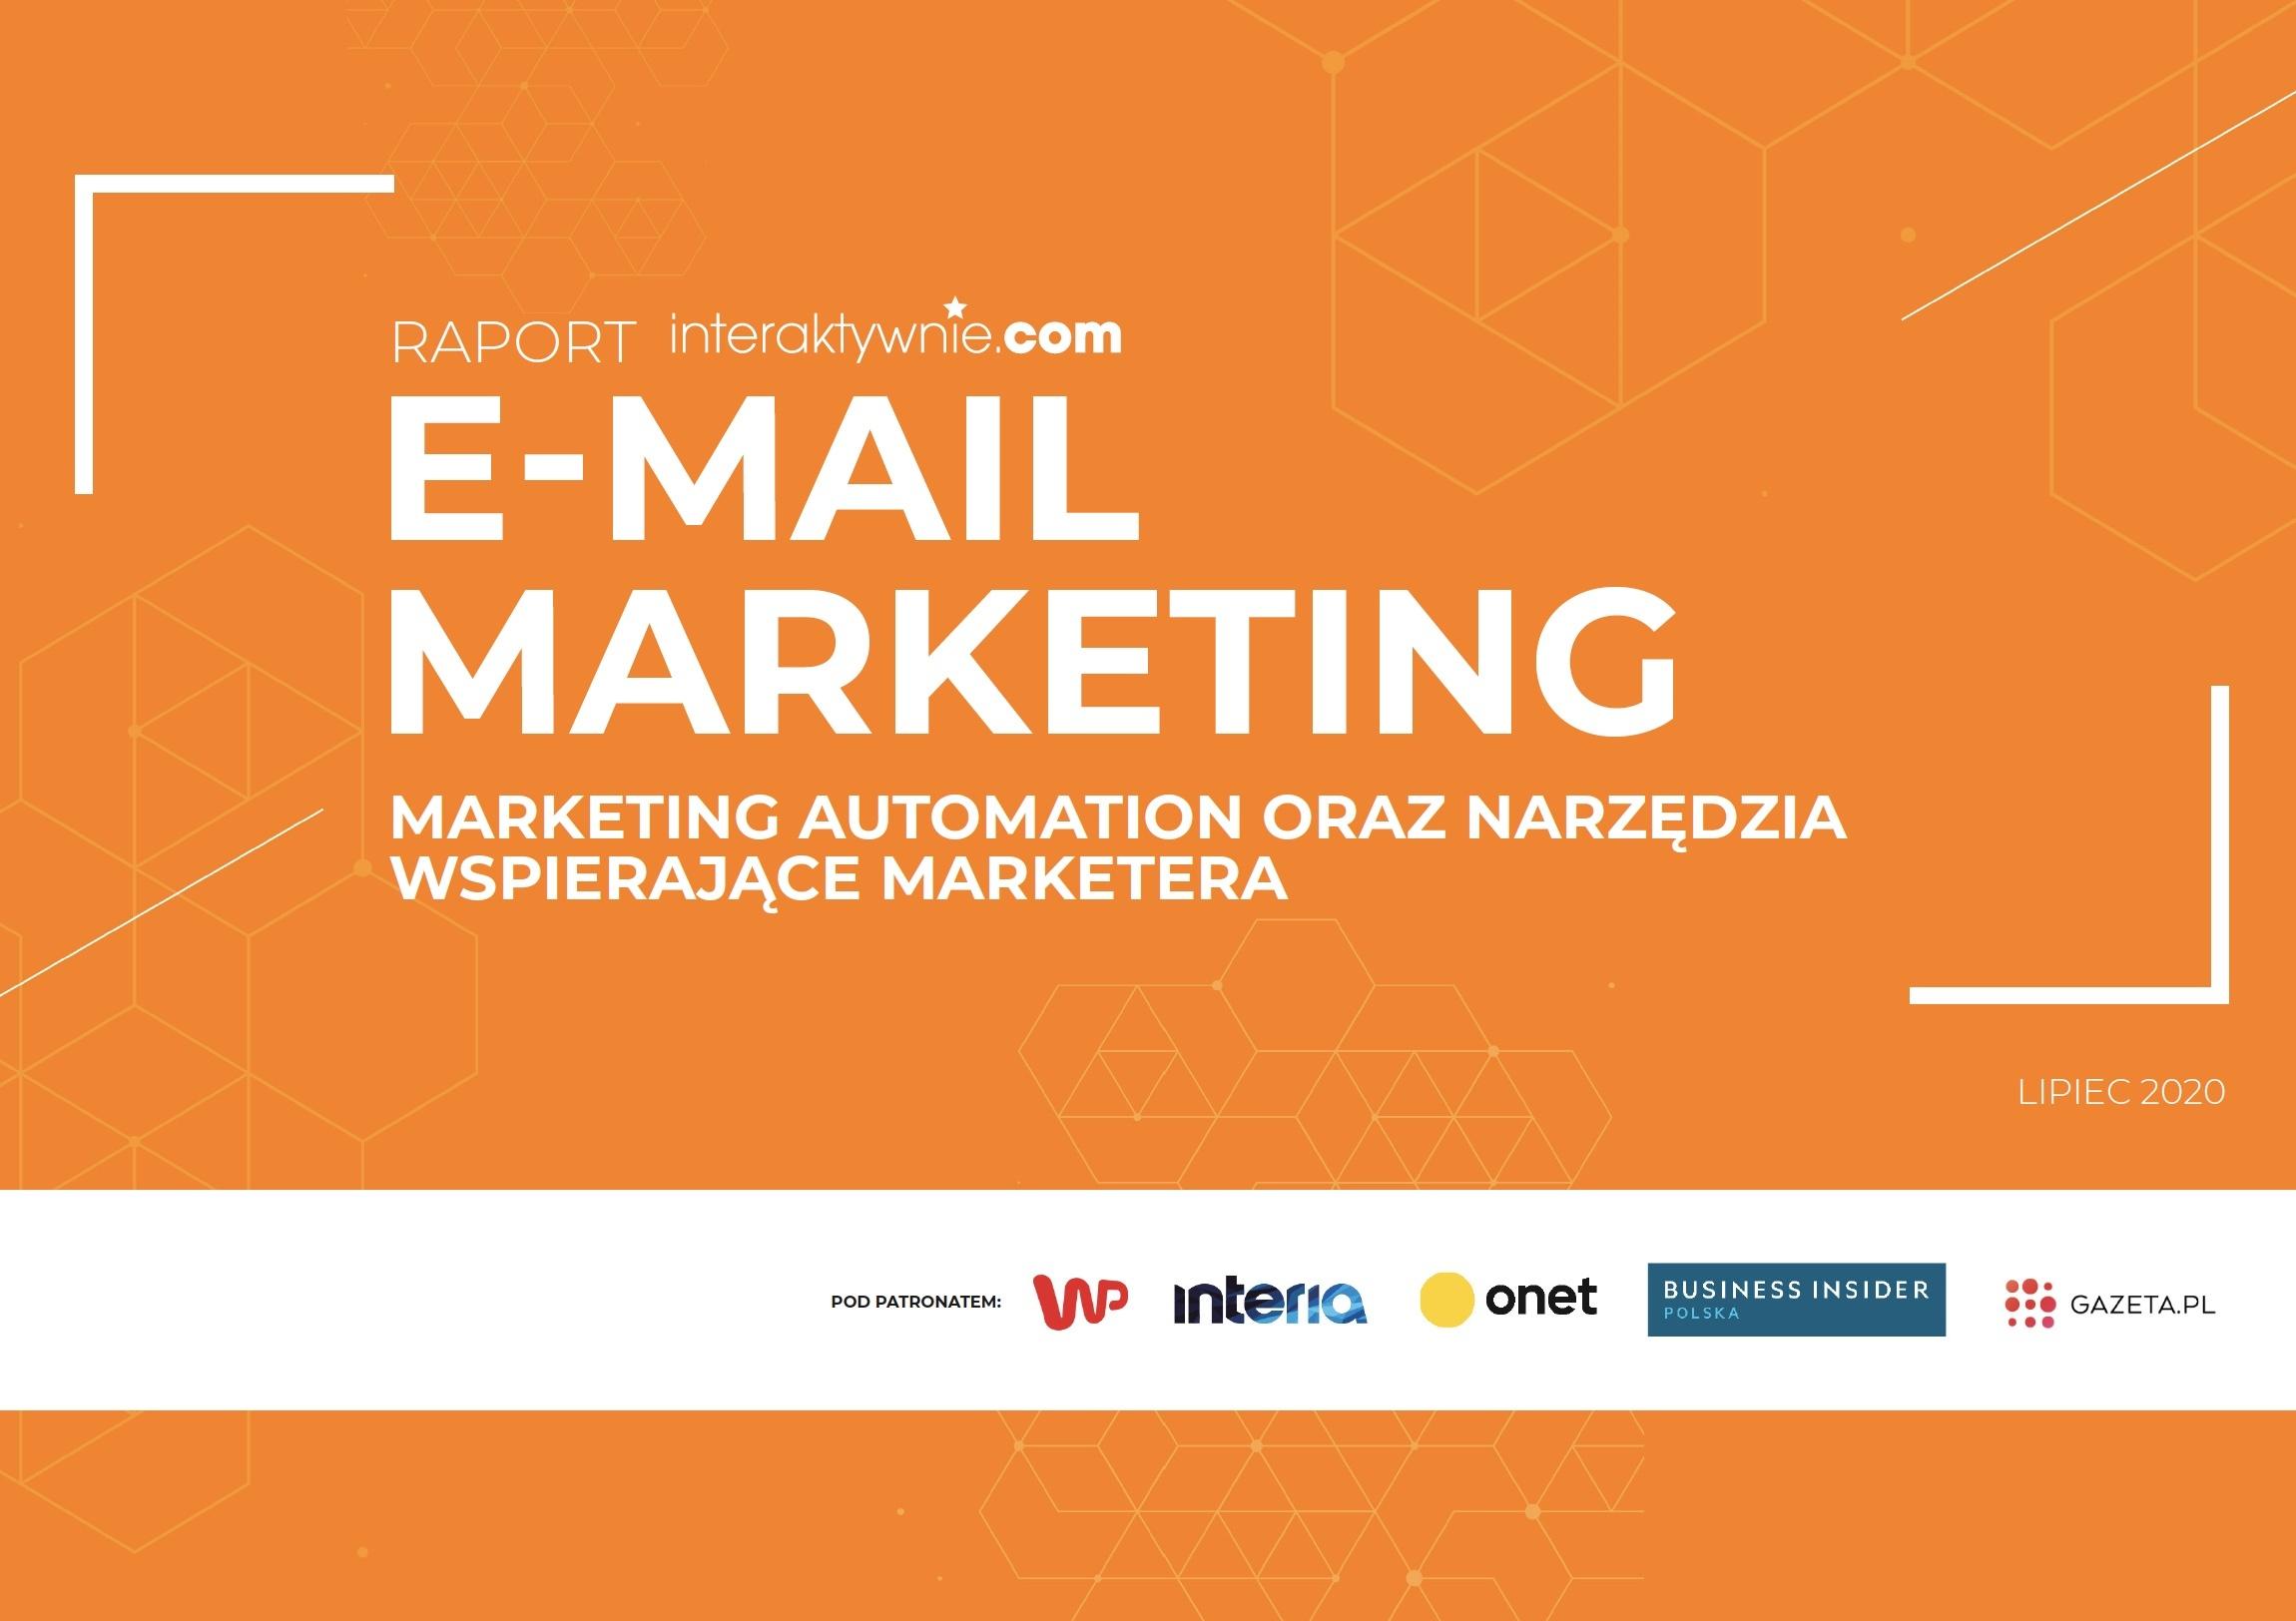 Marketing automation, email marketing